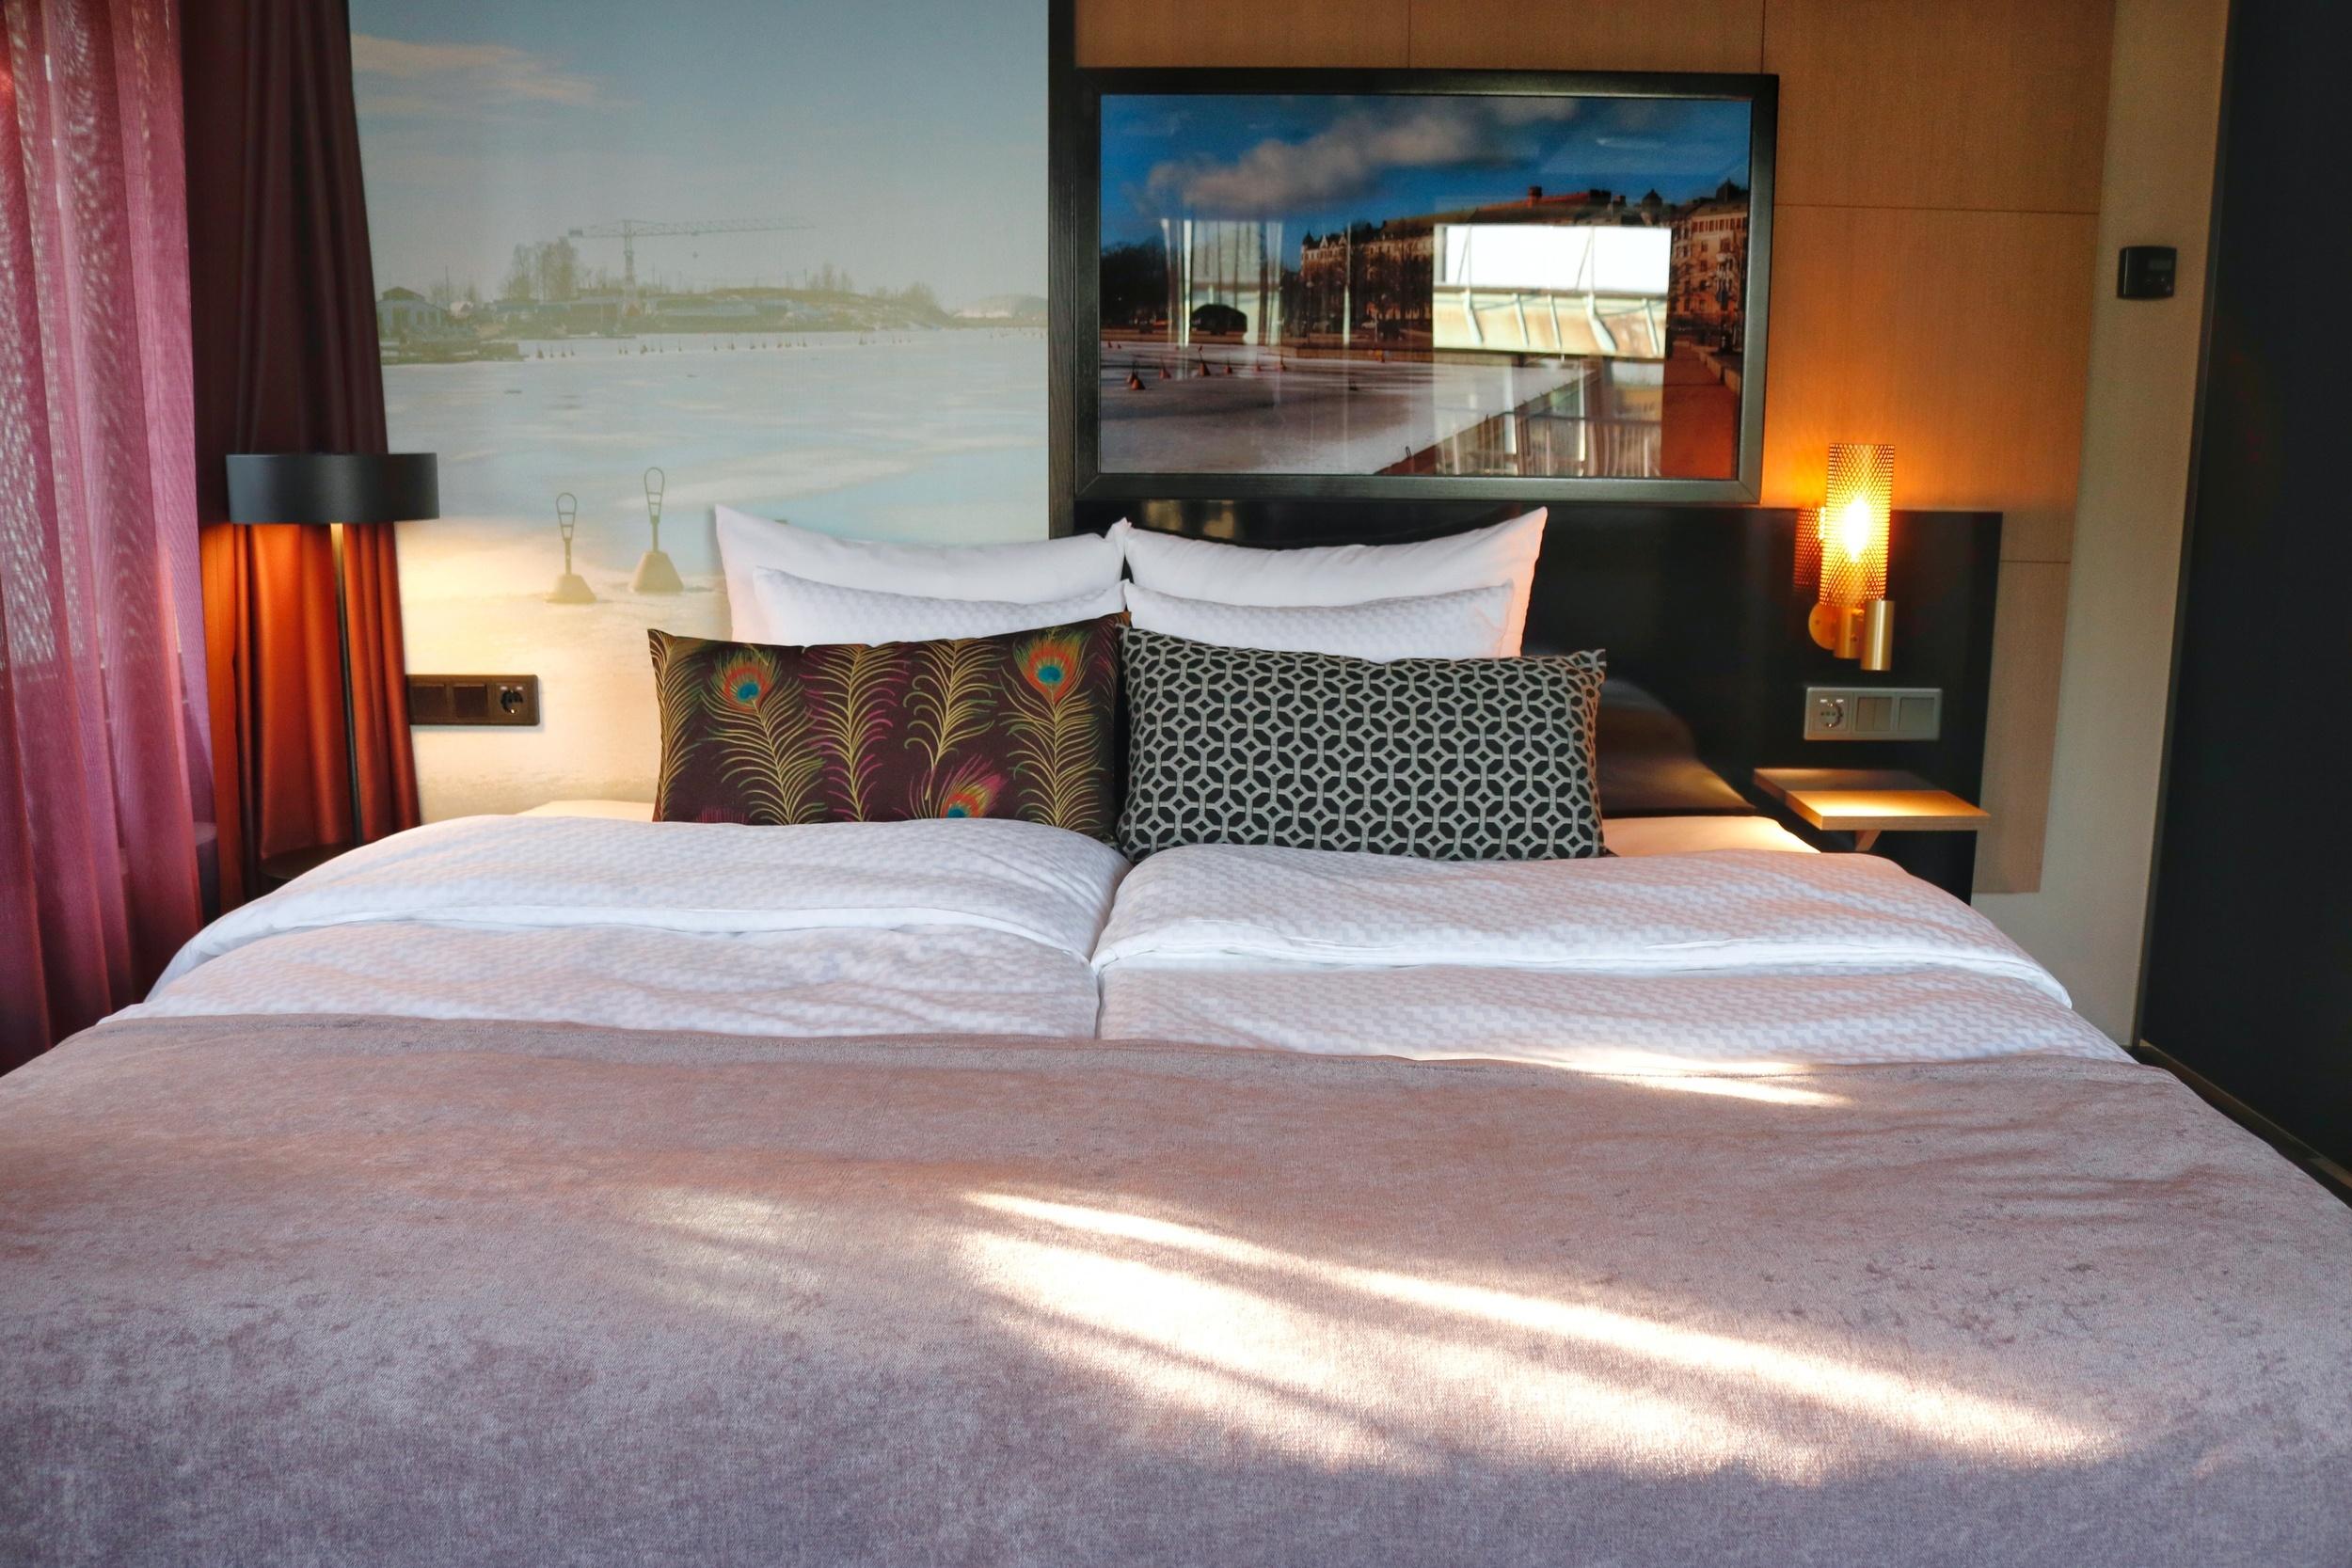 Marski by Scandic – Sneak Peek of a New Signature Hotel Opening in Helsinki